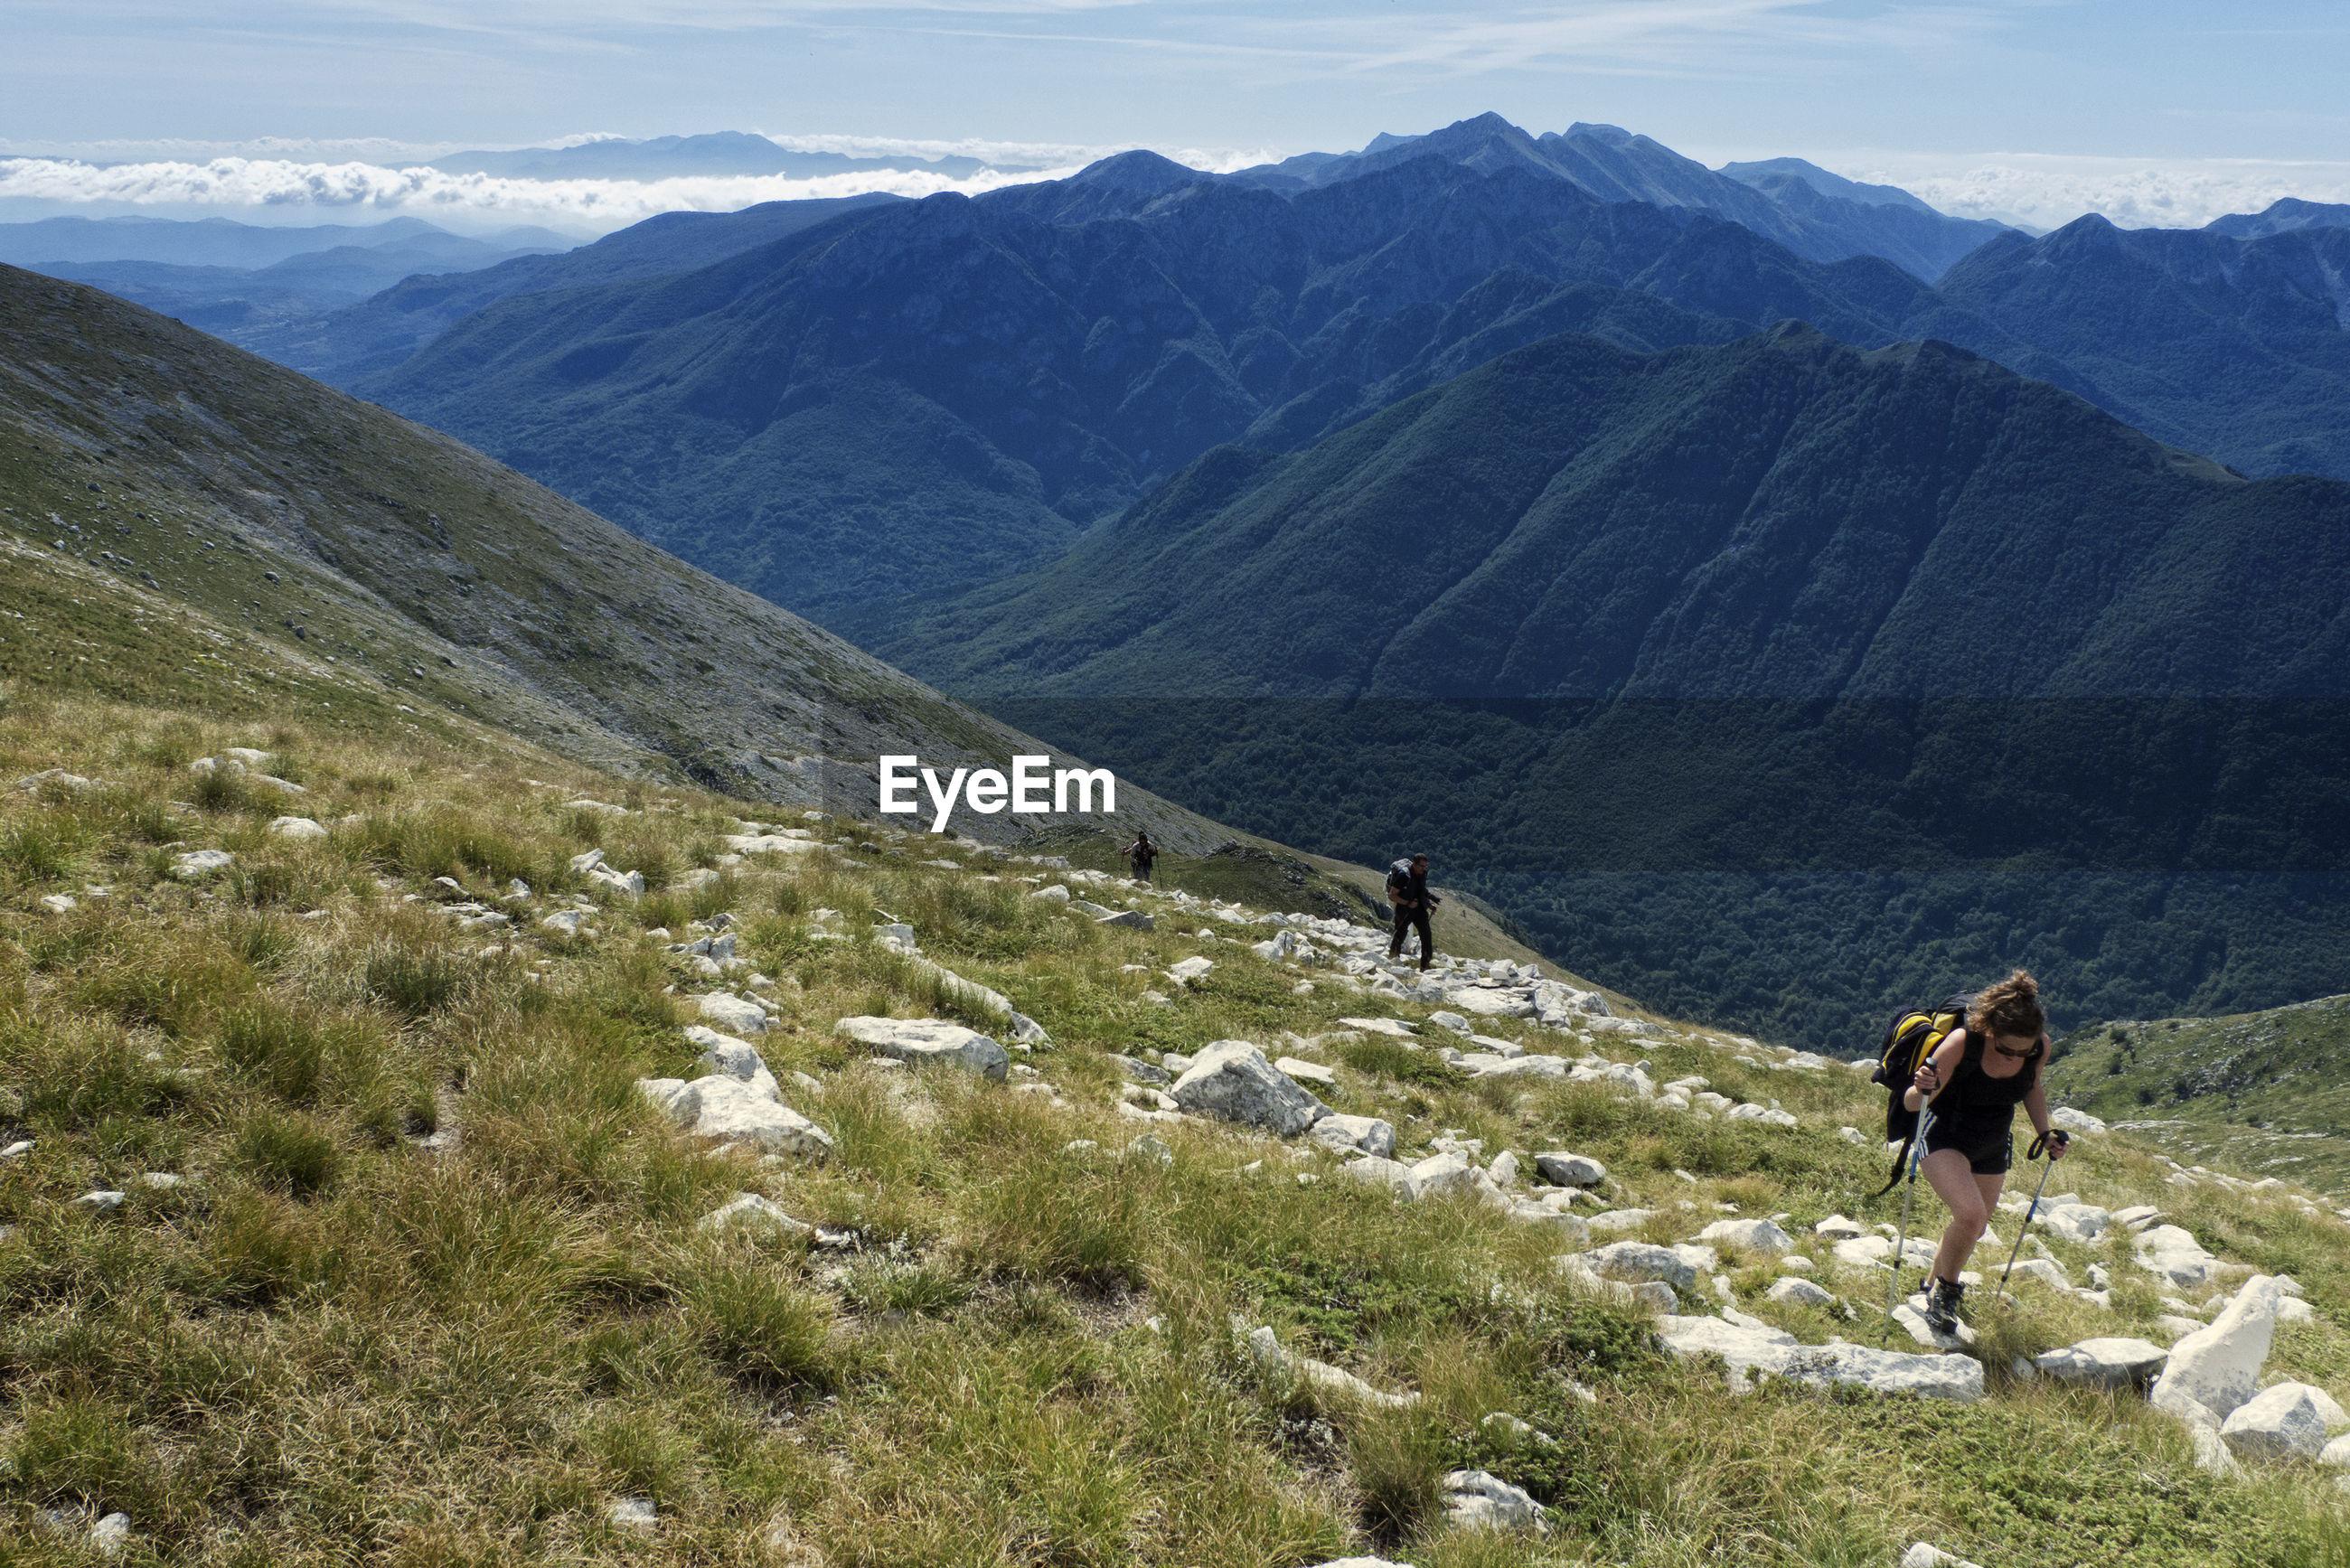 PEOPLE WALKING ON MOUNTAIN RANGE